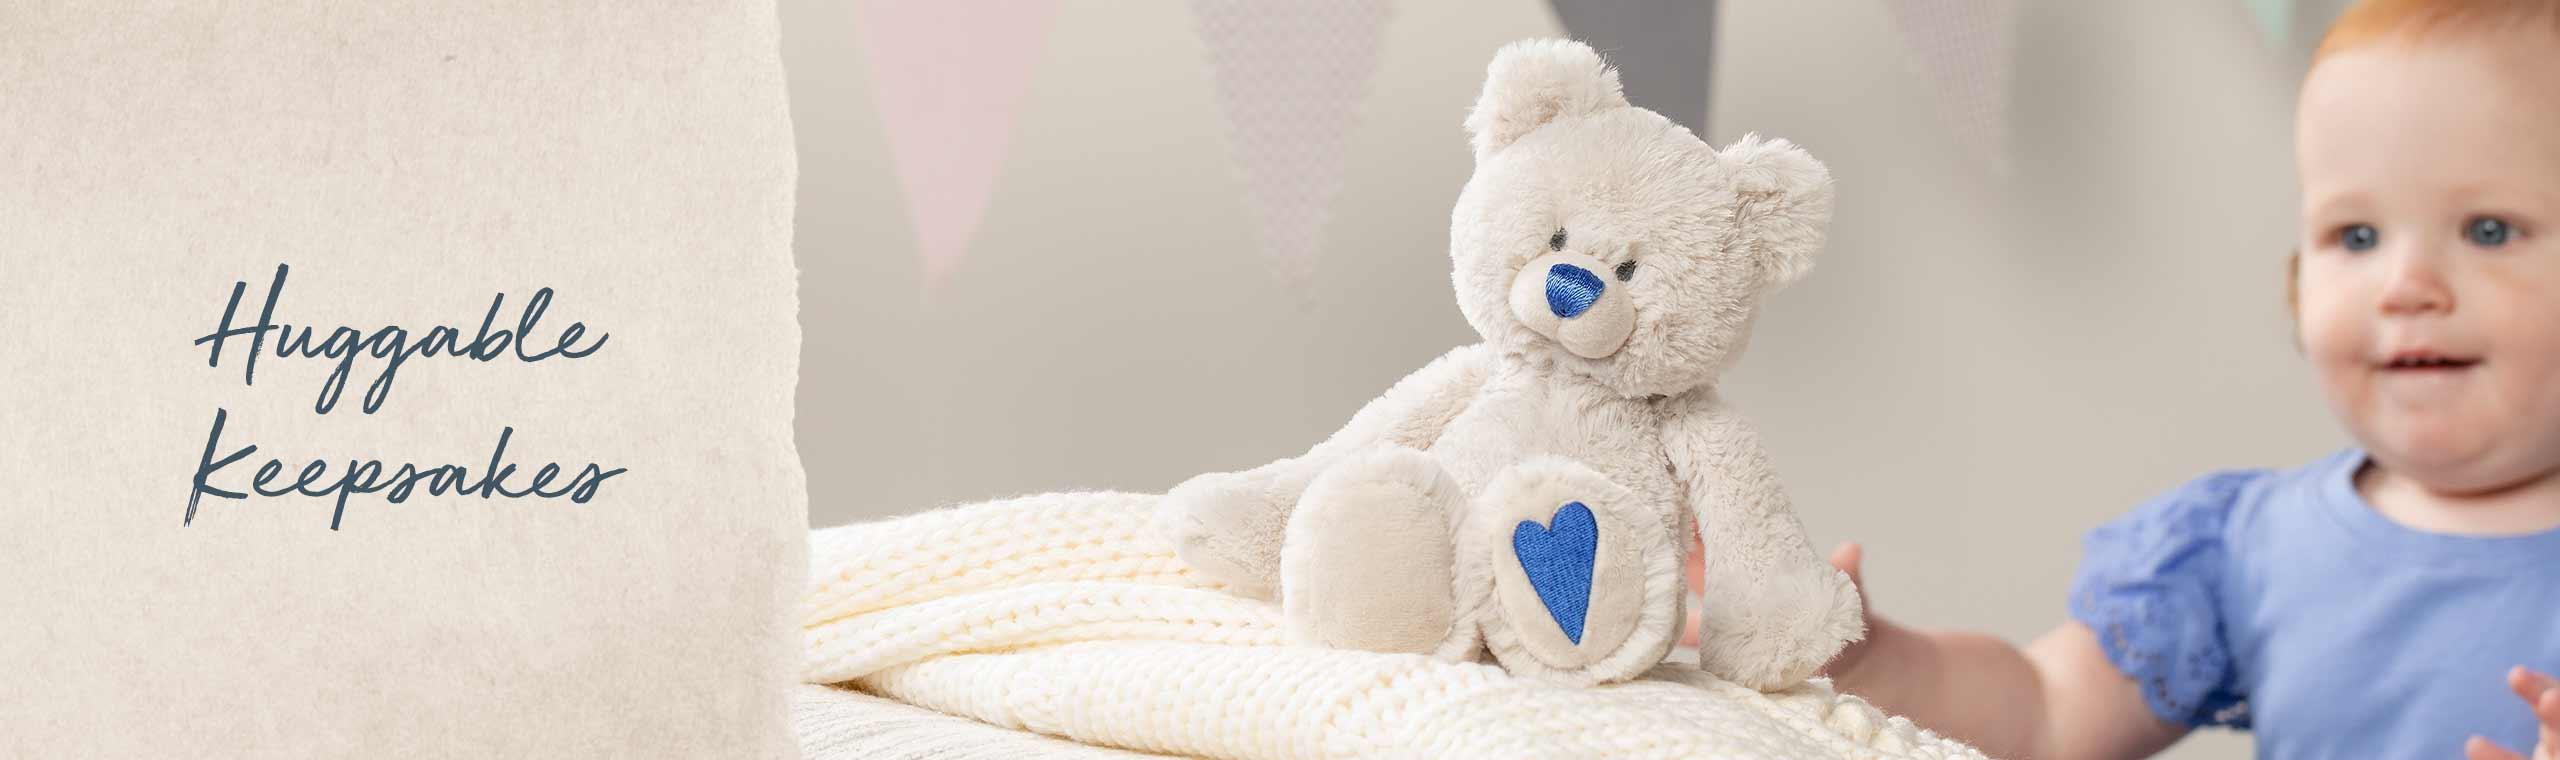 Huggable Keepsakes! soft bears with a blue heart on thir feet